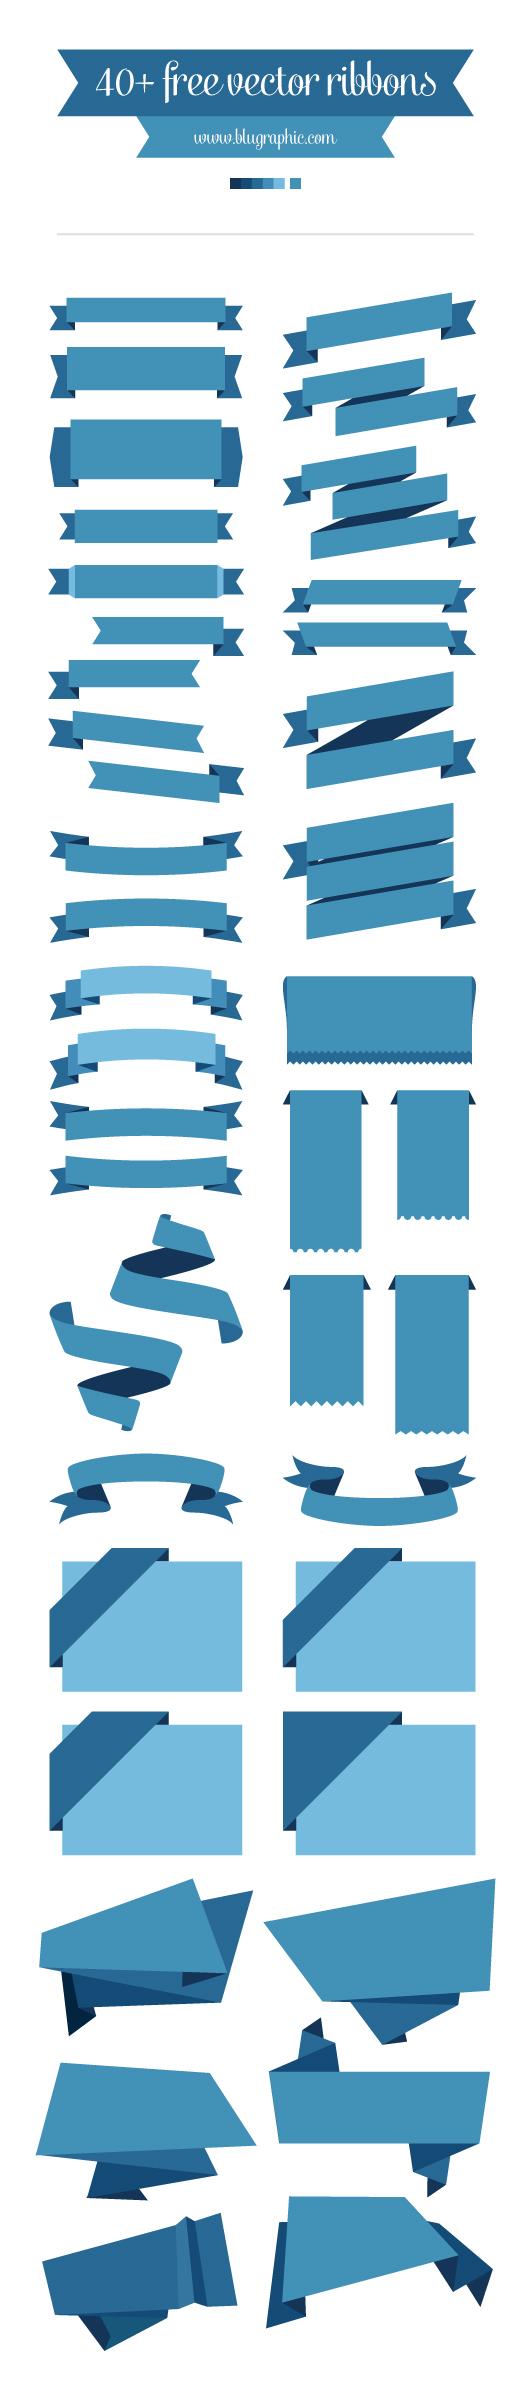 リボンのフラット Illustratorデータ